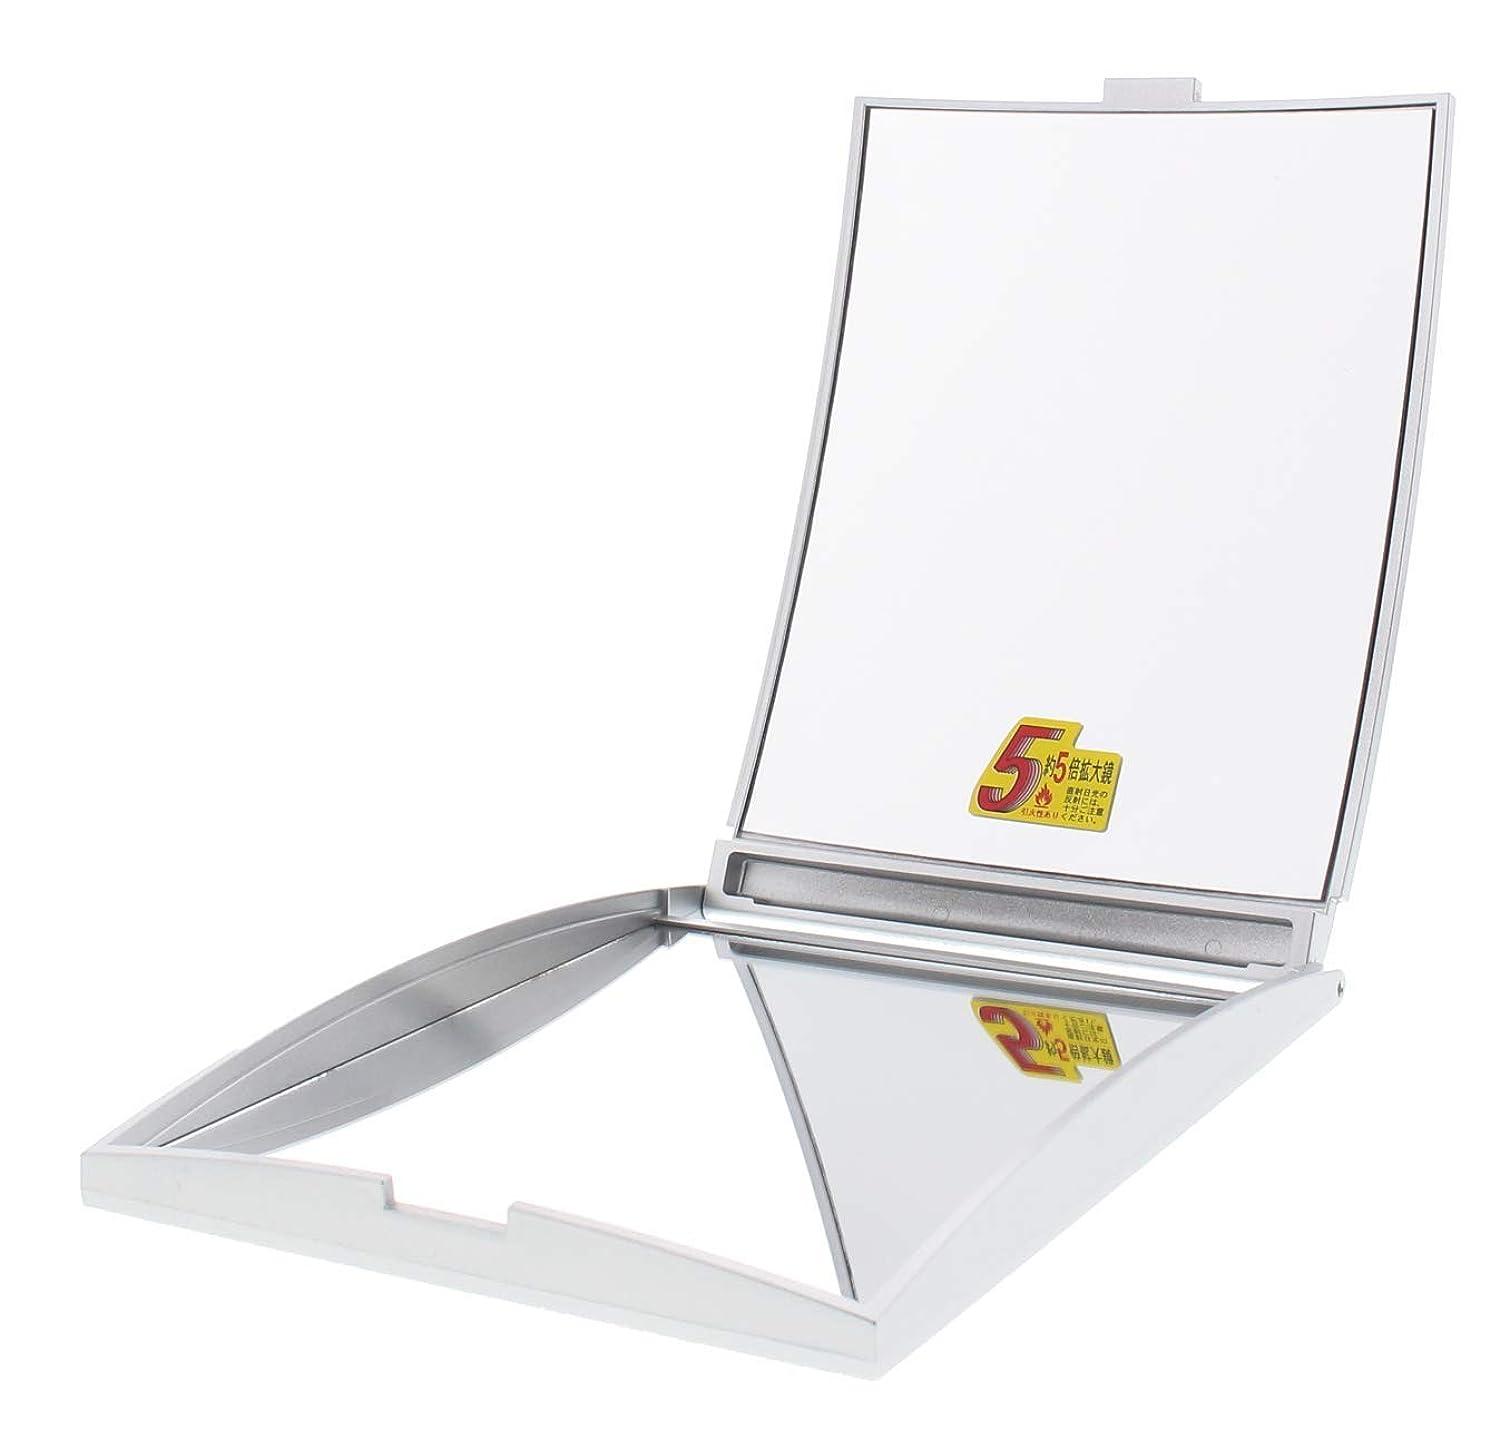 腸満州フィードメリー 片面約5倍拡大鏡付コンパクトミラー Lサイズ シルバー AD-104